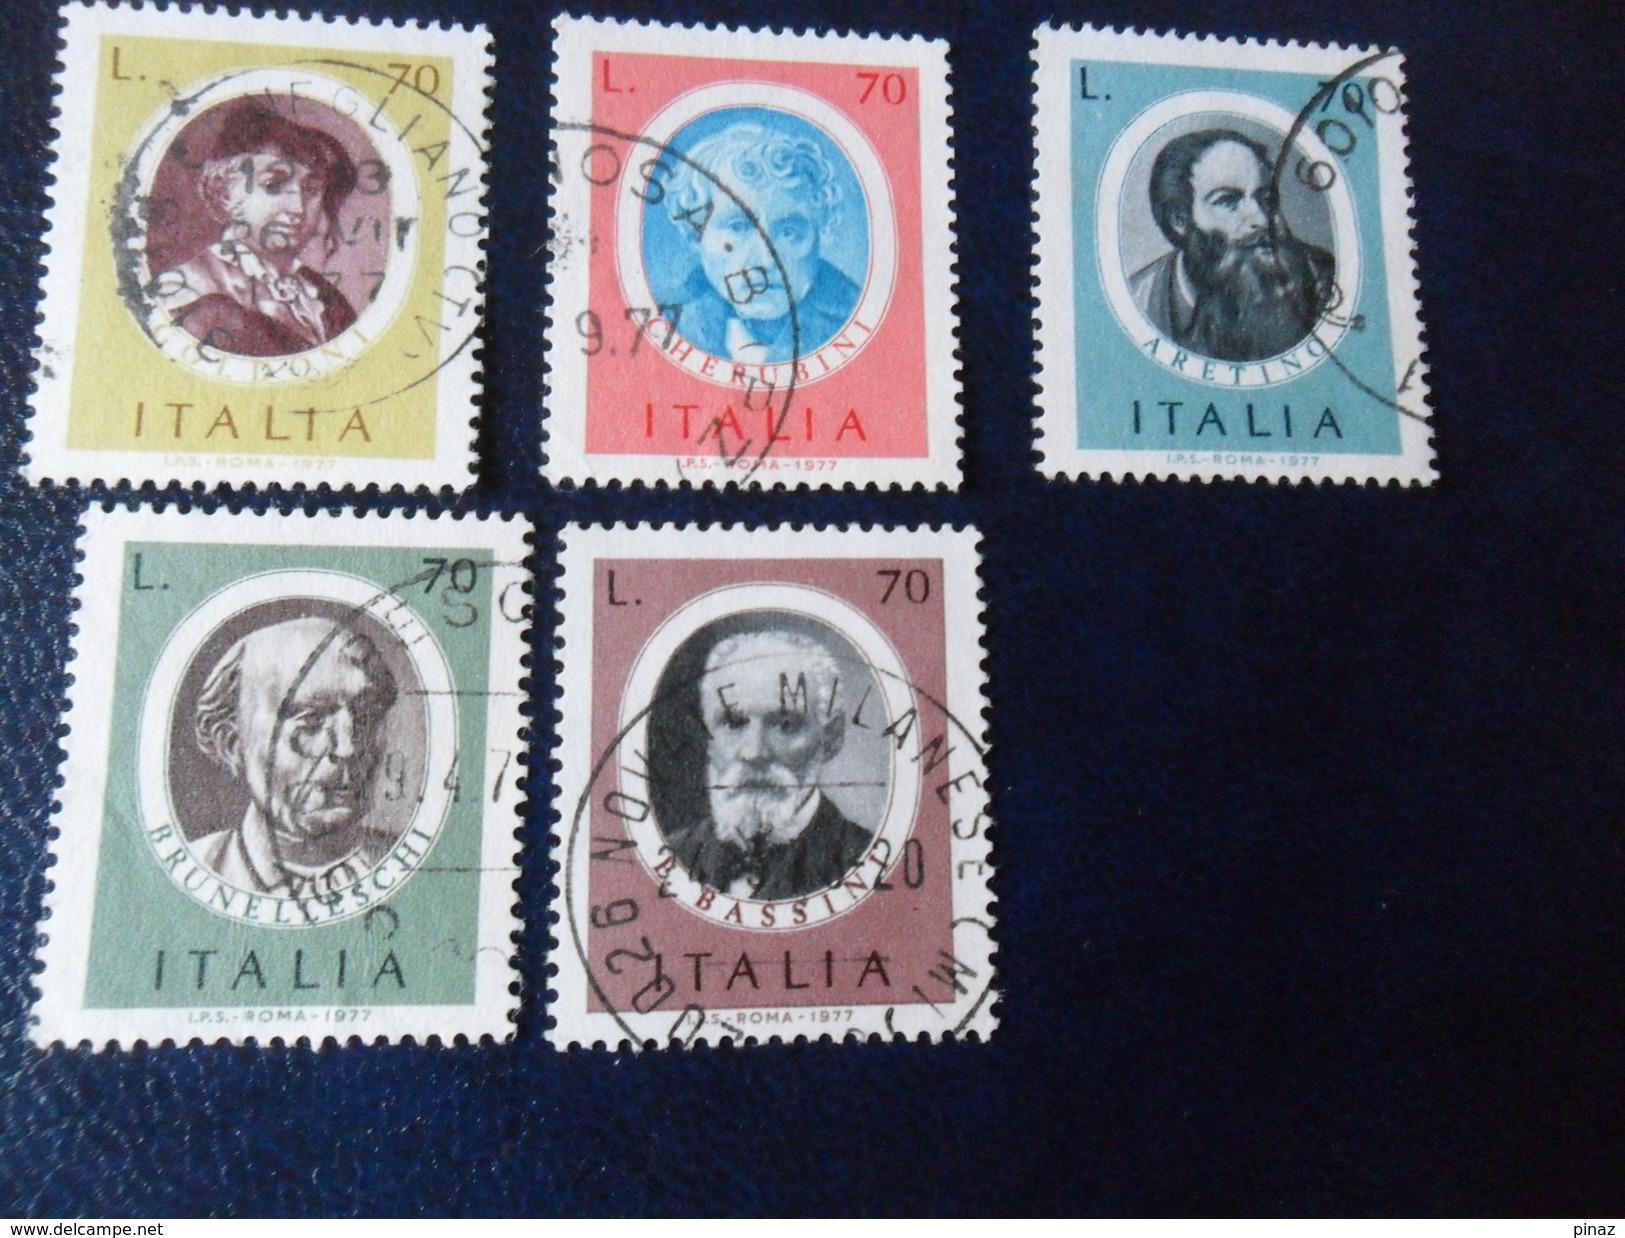 ITALIA  1977   UOMINI ILLUSTRI   CPL   L. 70 USATO - 1971-80: Used